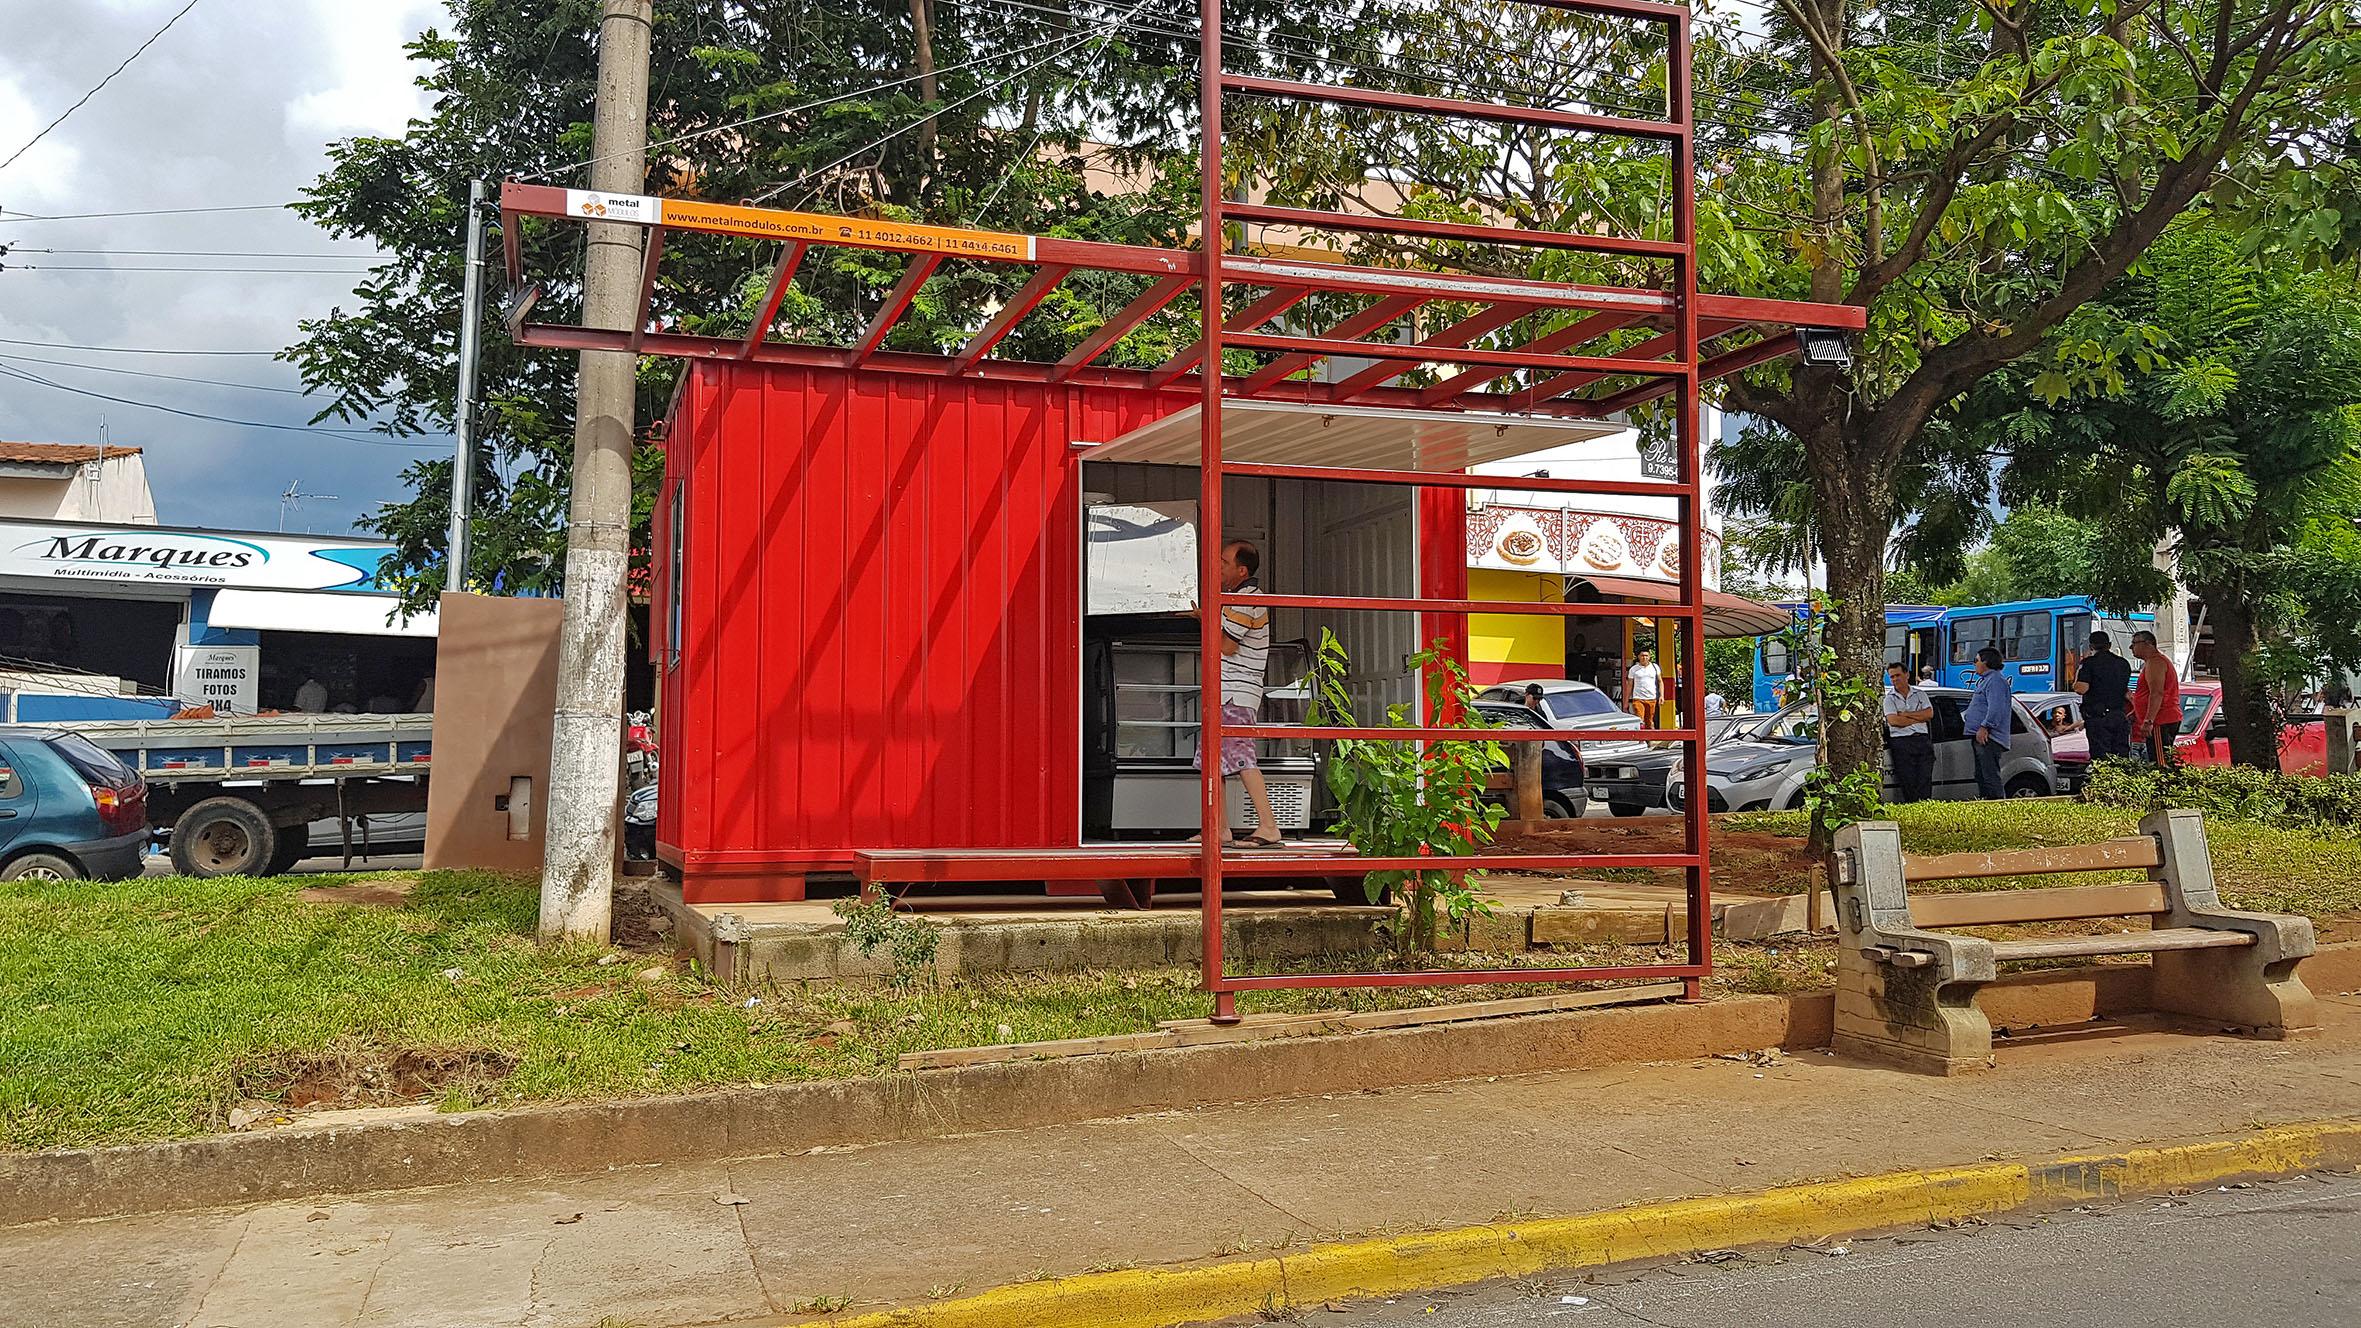 10.01.2018 Vistoria Container Parque dos Estados (2)